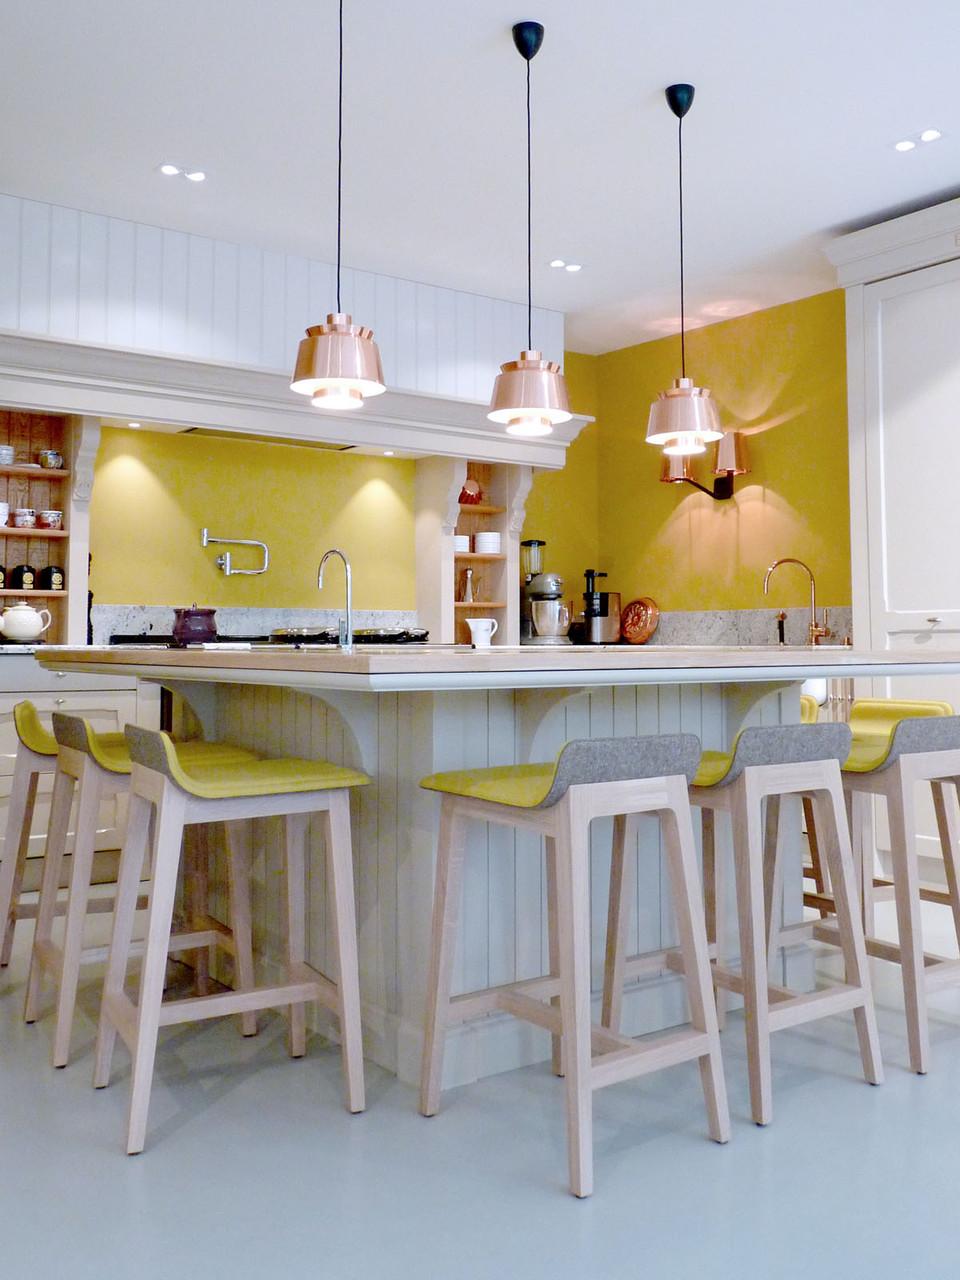 Ilot lambrissé bois massif, chaises hautes Alki, luminaires suspendus en cuivre, (Design Ateliers Malegol - Mathieu Le Guern)